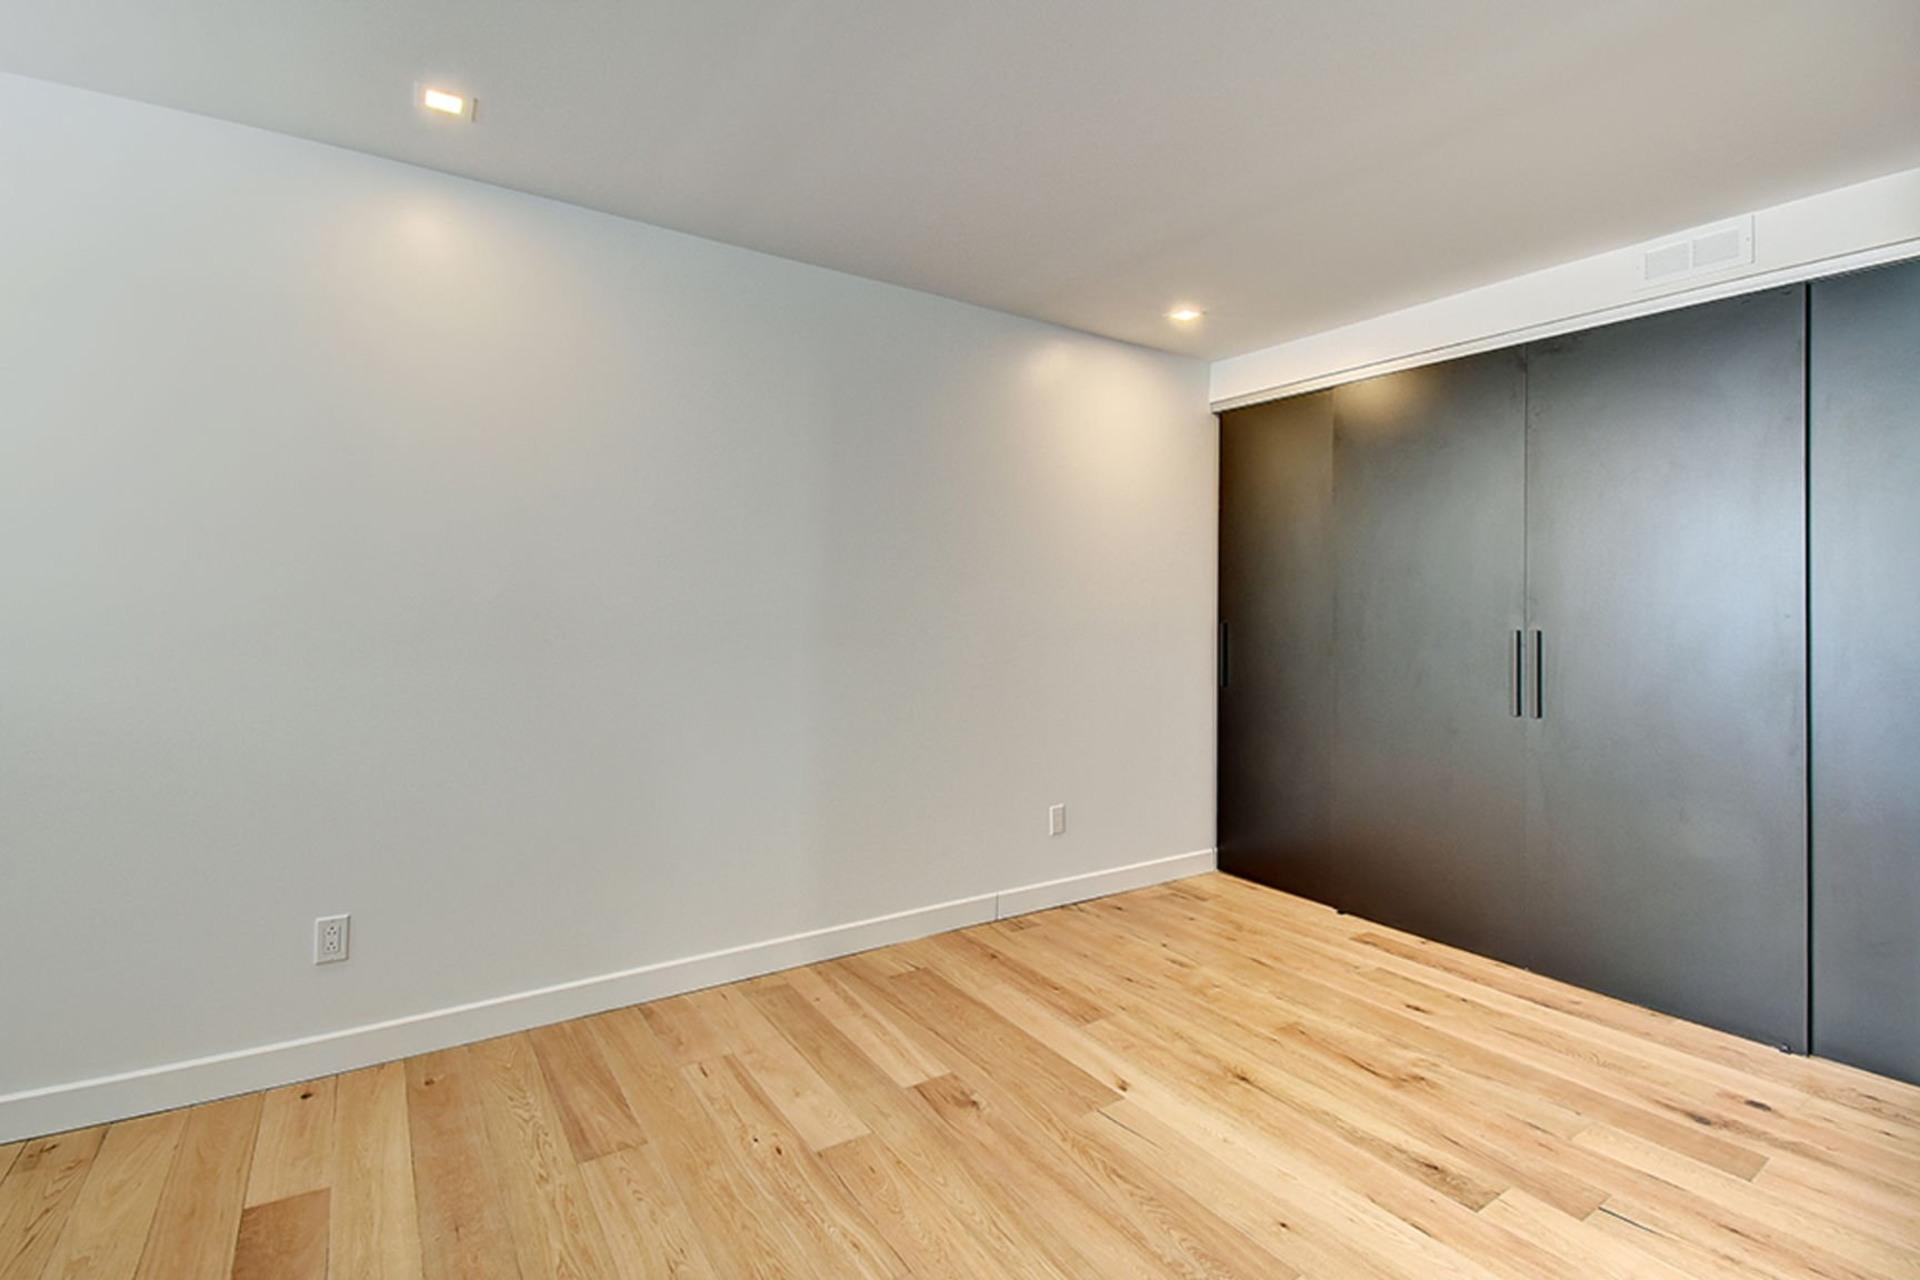 image 14 - Appartement À vendre Le Vieux-Longueuil Longueuil  - 9 pièces